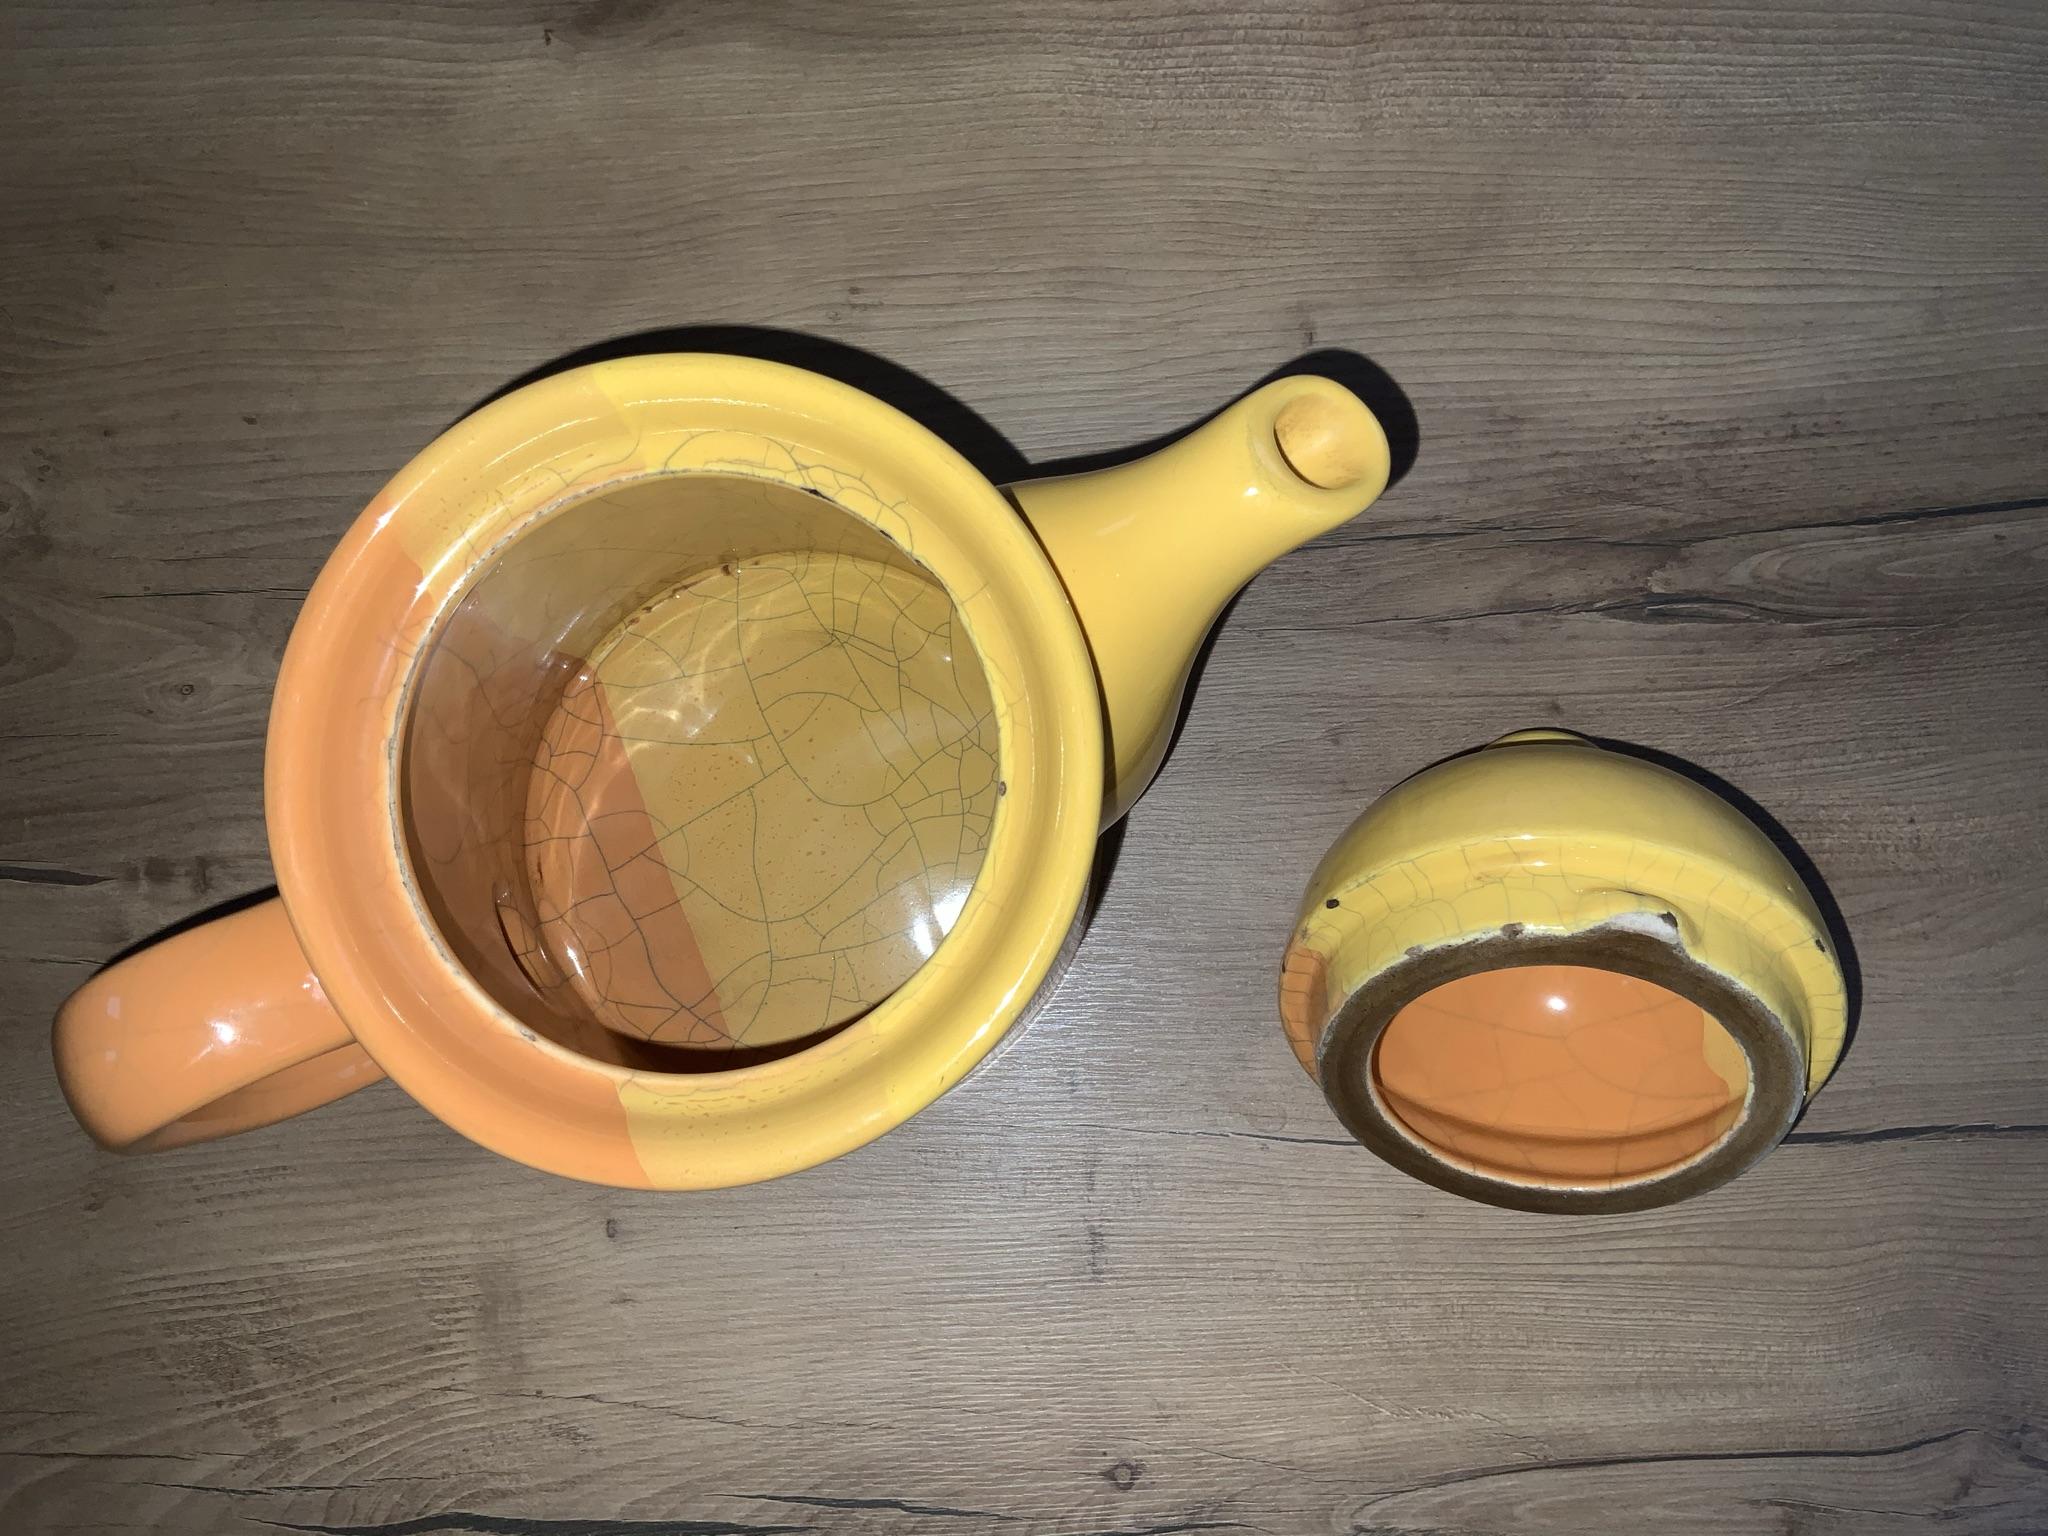 čajová konvice po čištění